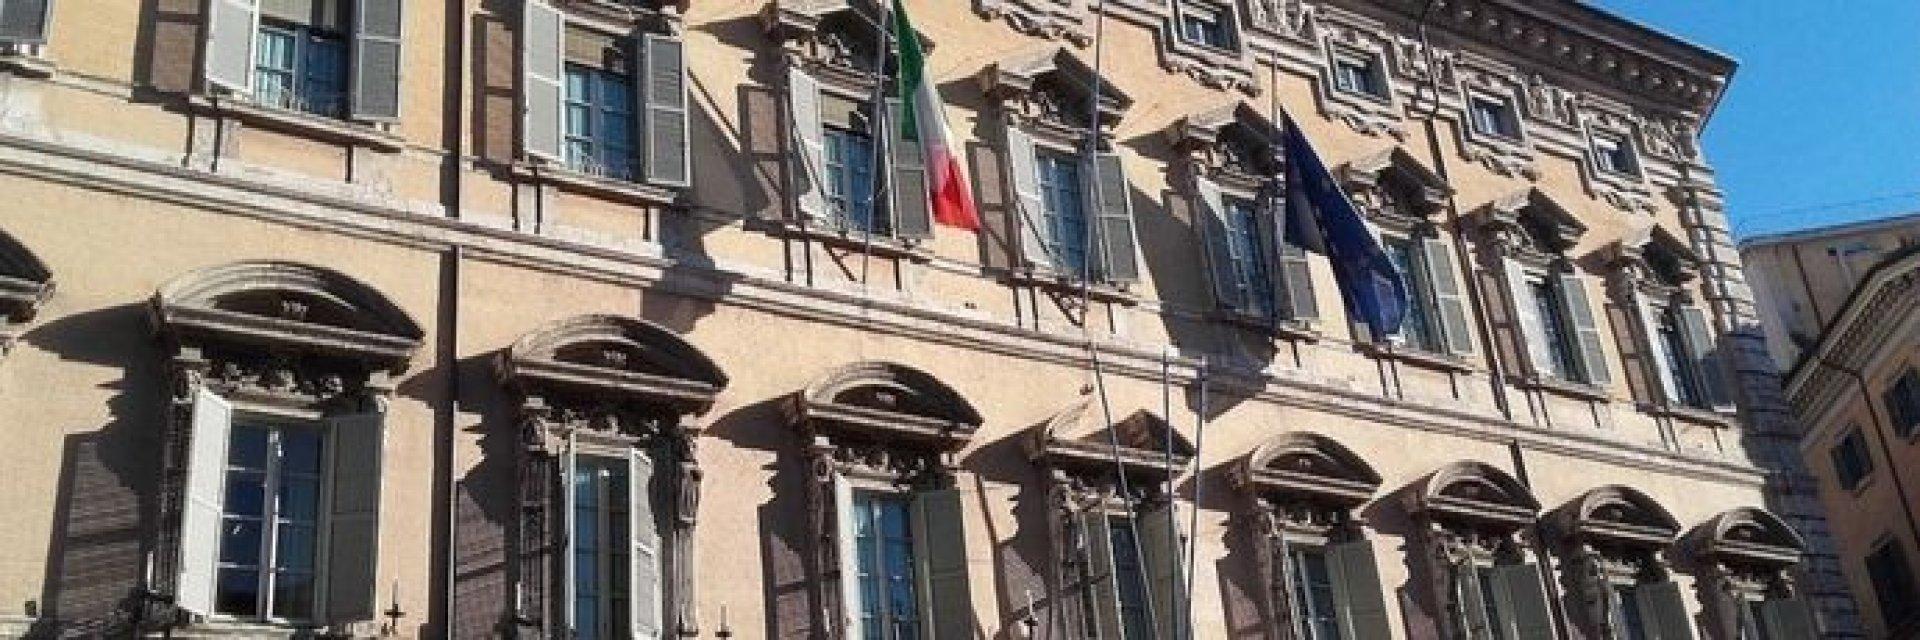 rsz-palazzo-madama-facciata